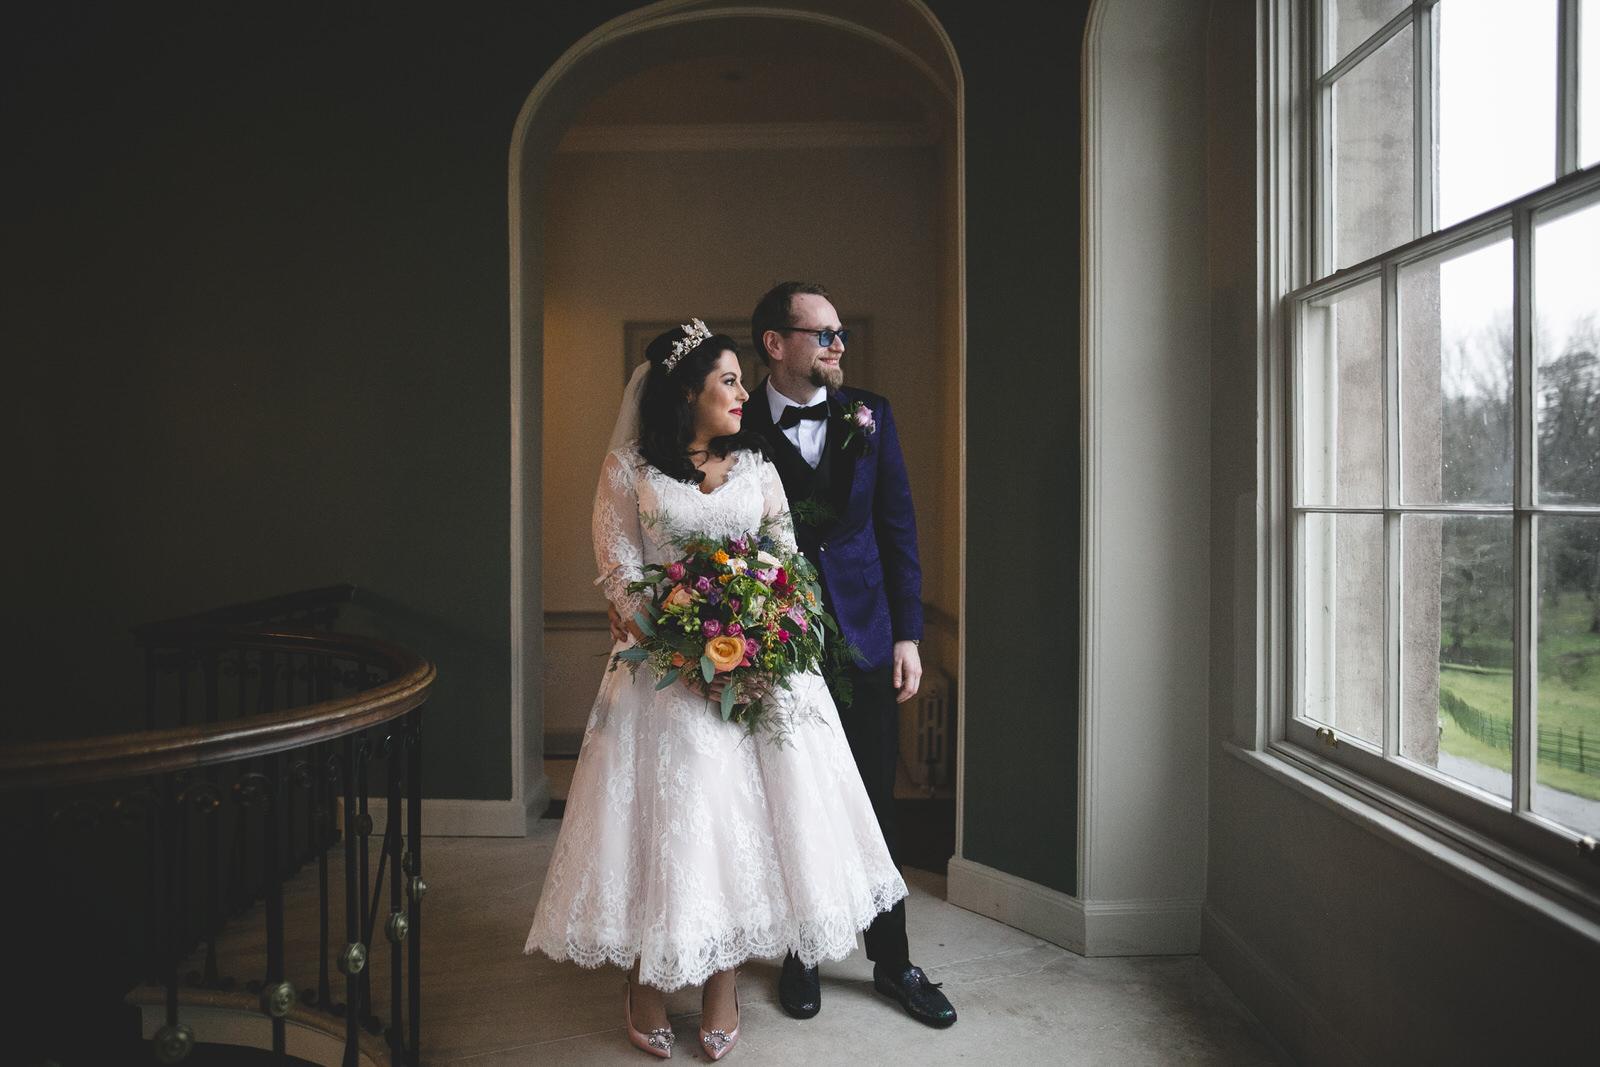 rainy day wedding portraits at Farmleigh House Estate